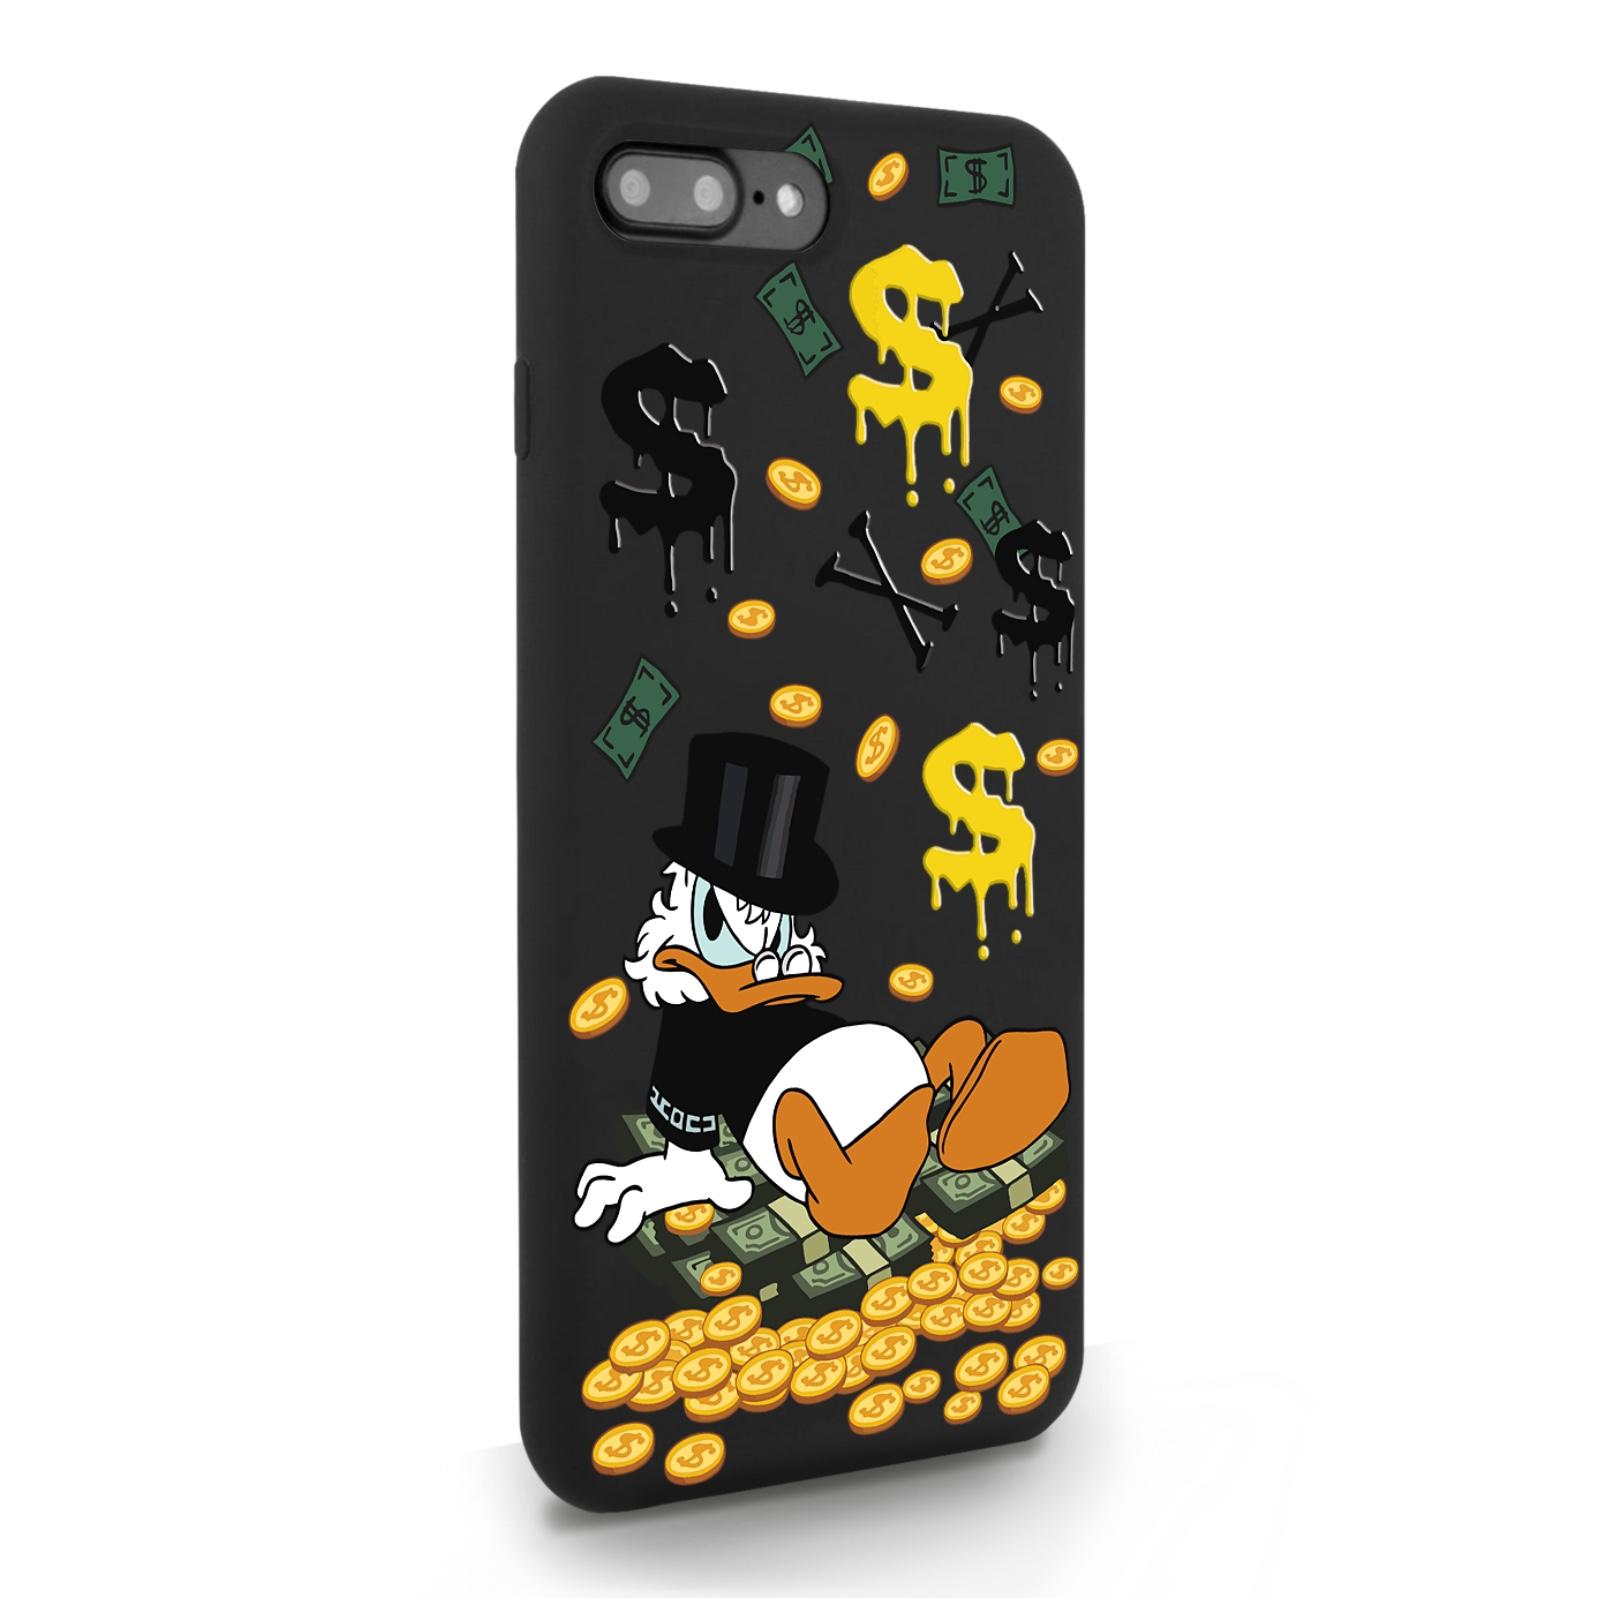 Черный силиконовый чехол для iPhone 7/8 Plus Богатенькая Утка для Айфон 7/8 Плюс